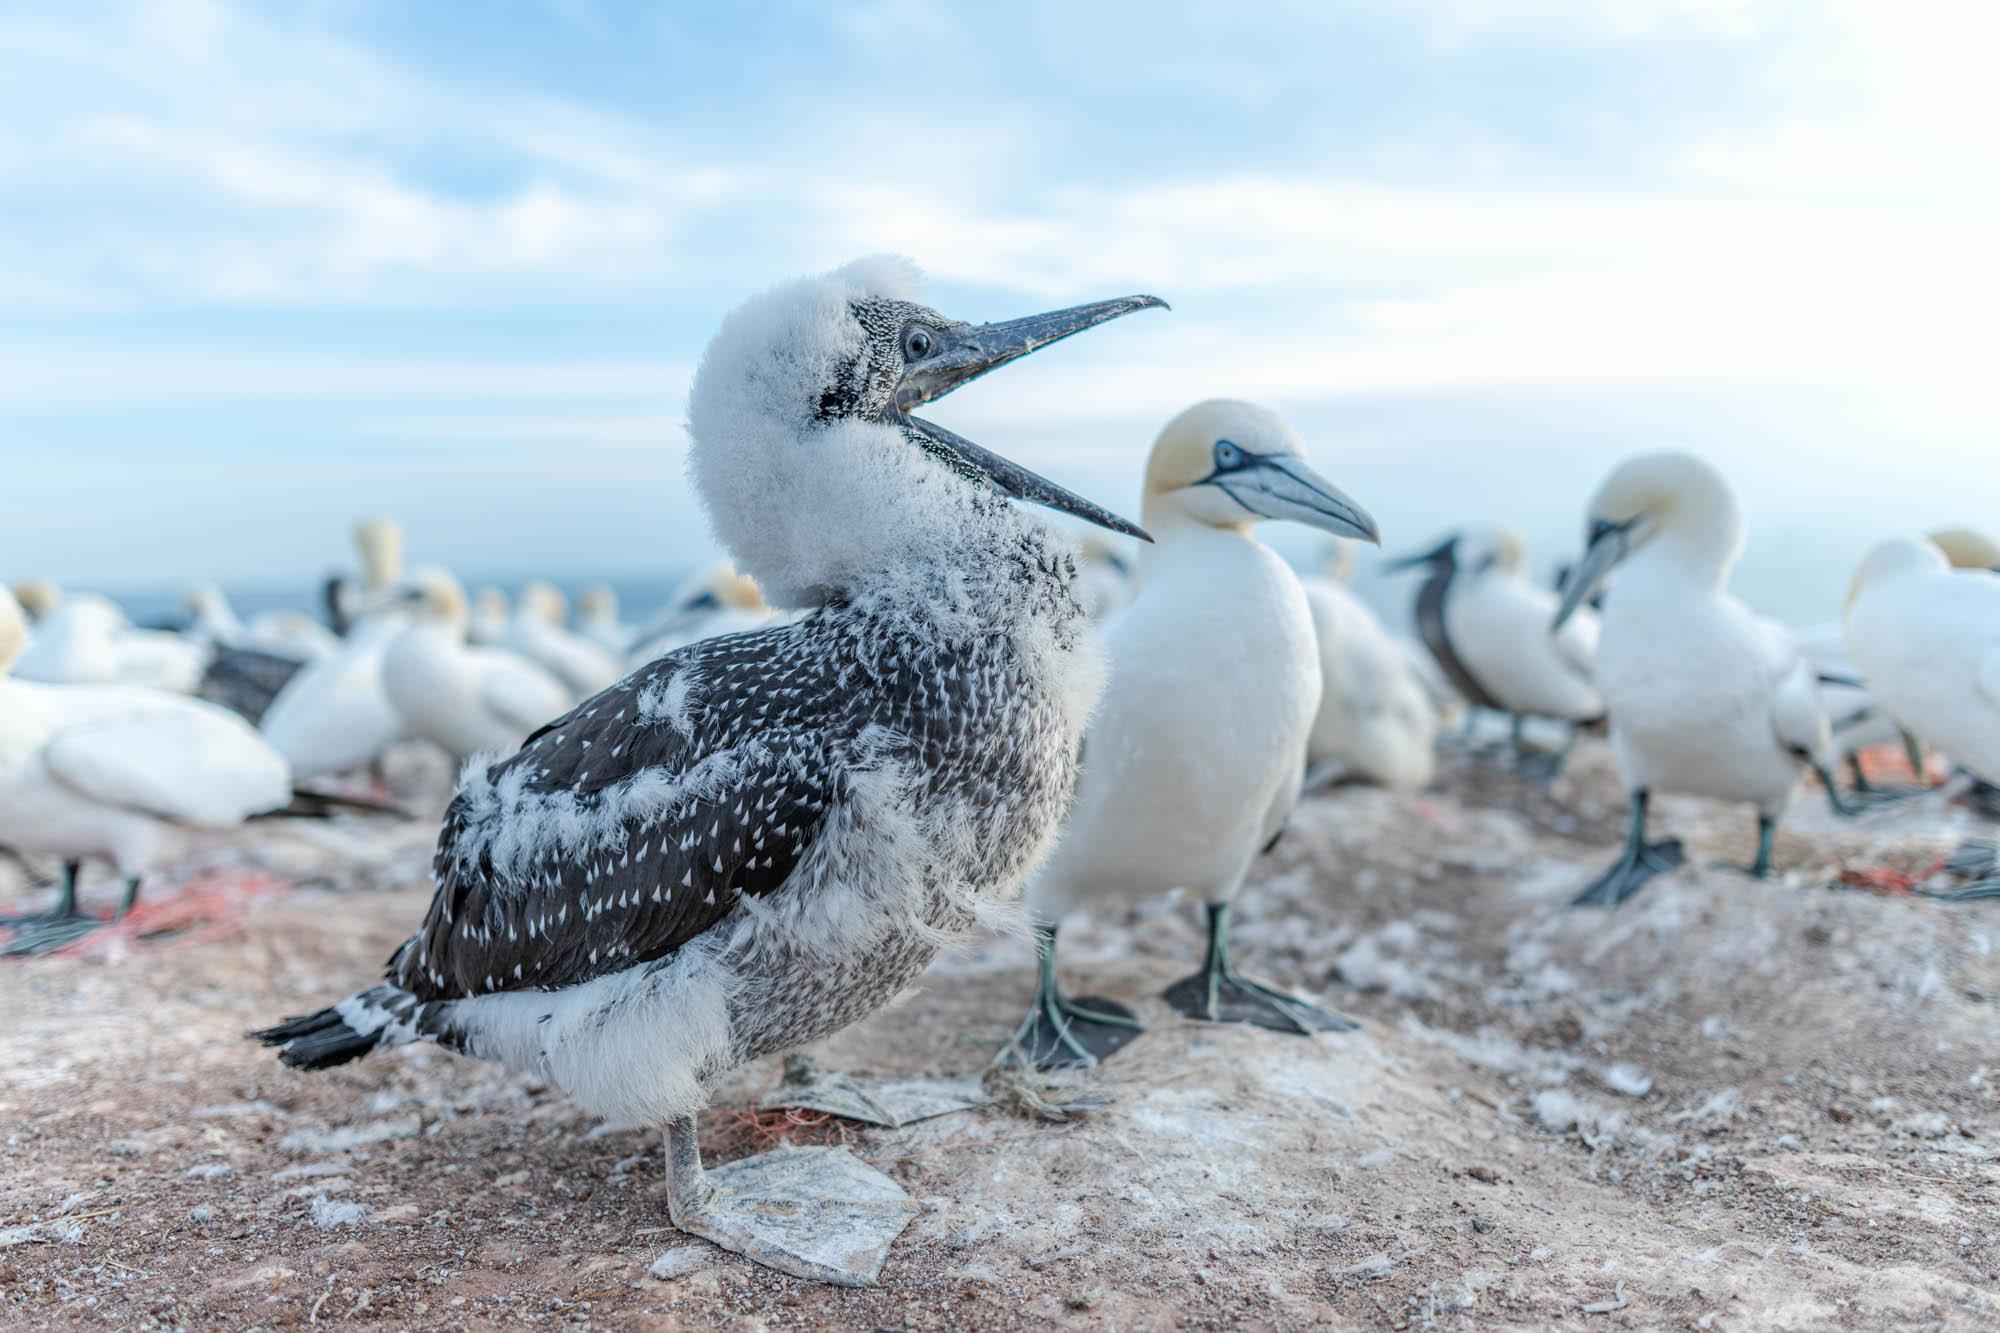 Fehler von Tierfotografen © Michael Ginzburg